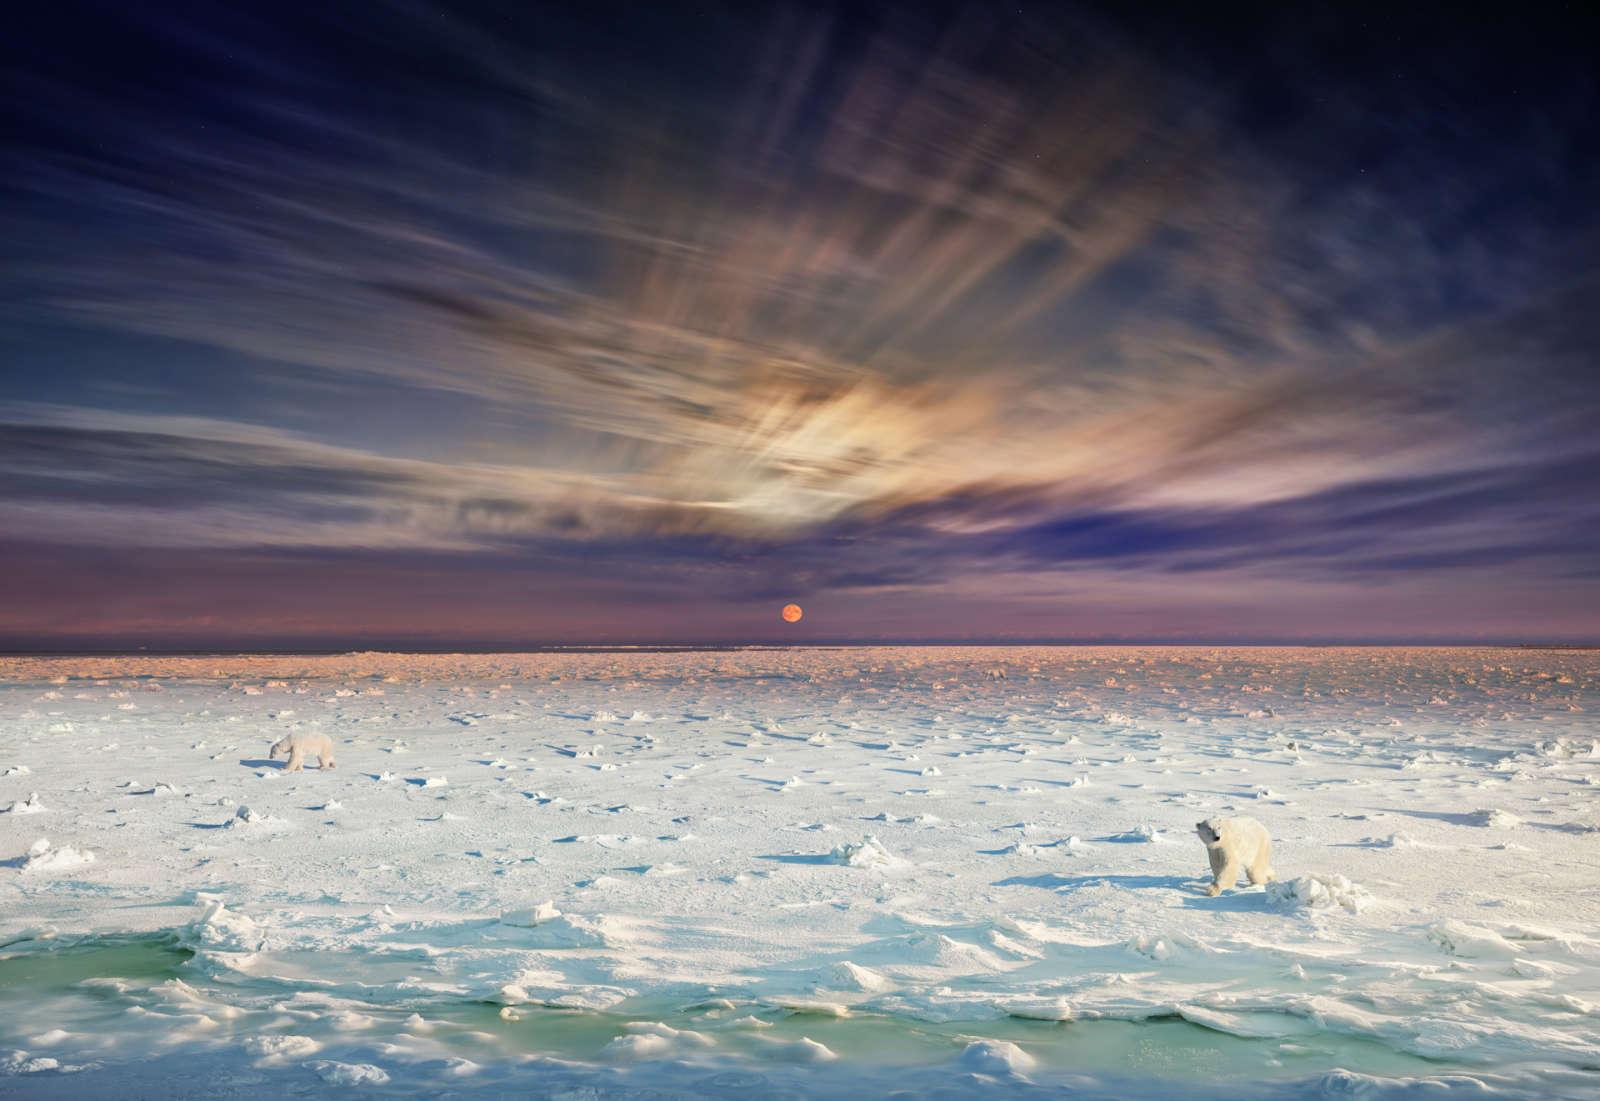 Polar Bear, Churchill, Manitoba, Day to Night, 2019